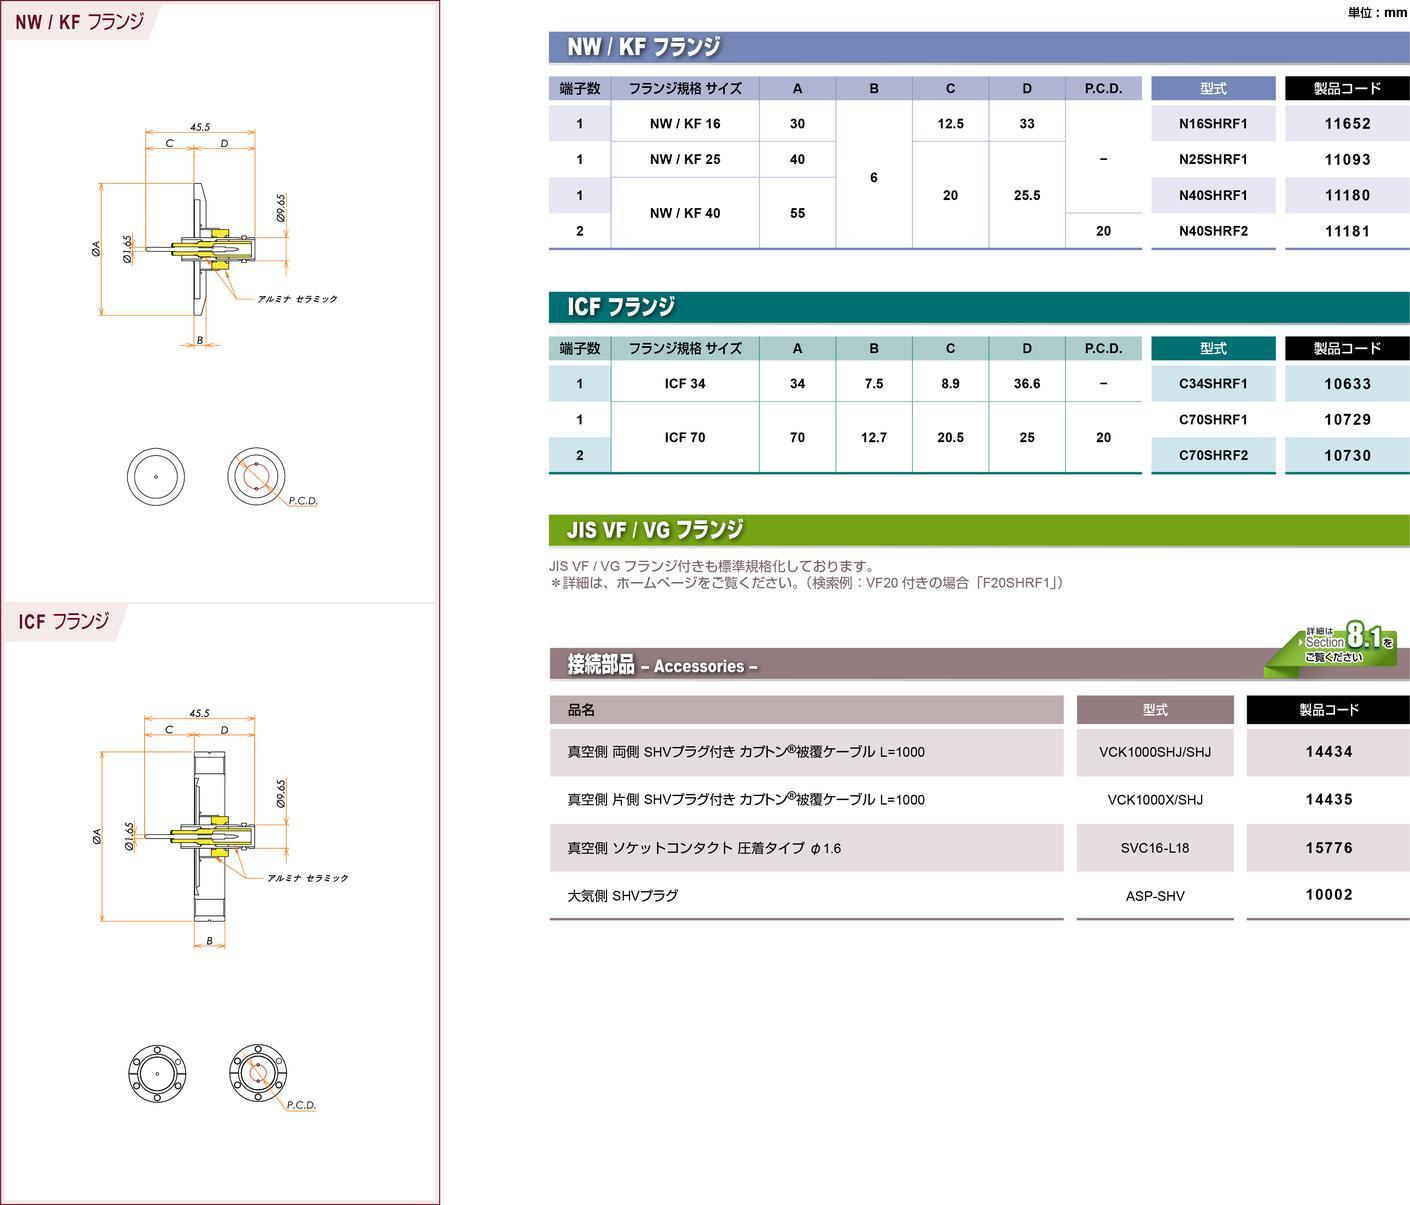 同軸 SHV-R-F 1個付き NW/KF25 フランジ カタログ画像